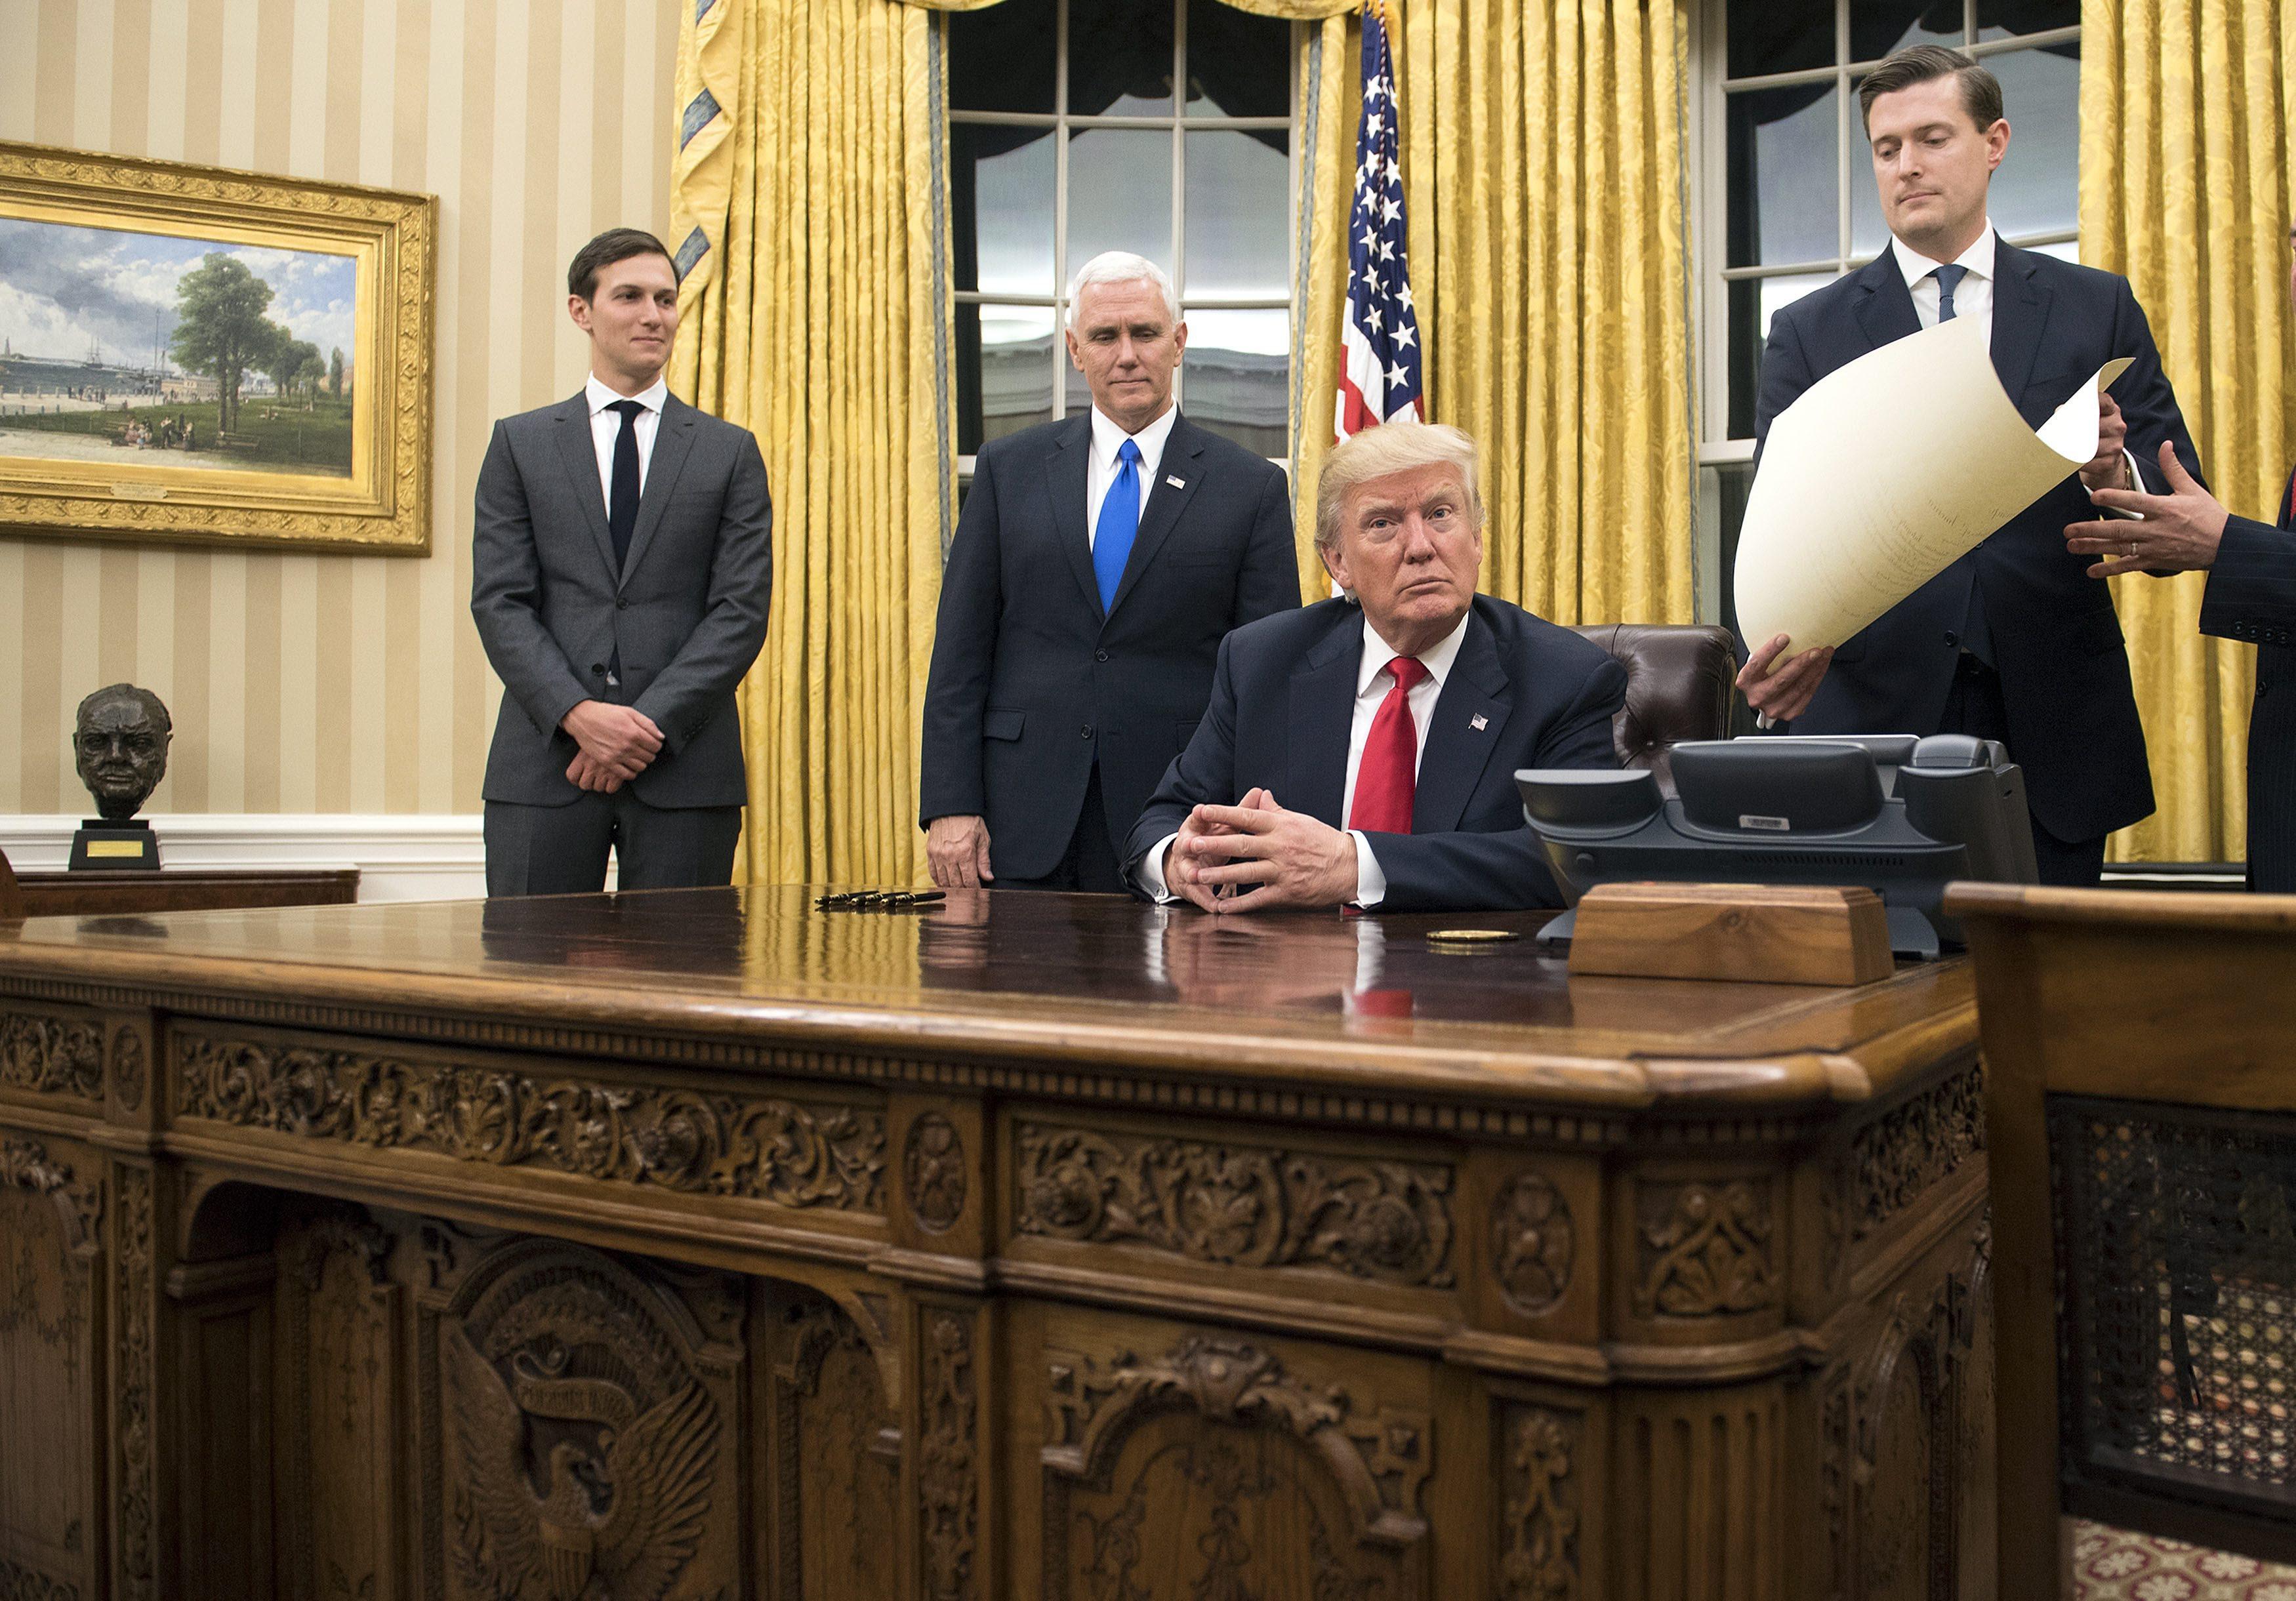 Промени имаше от пода до тавана. Вече го няма големия килим с вплетени в него цитати на предишни американски президенти, който беше в Овалния кабинет по време на президентството на Барак Обама. Килимът е заменен с друг, който е златист и с украса в краищата му. Той напомня килима с украса от слънчеви лъчи, който бе в Овалния кабинет при президентството на Джордж У. Буш. Пердетата, които часове по-рано бяха пурпурночервени, сега също са златисти.